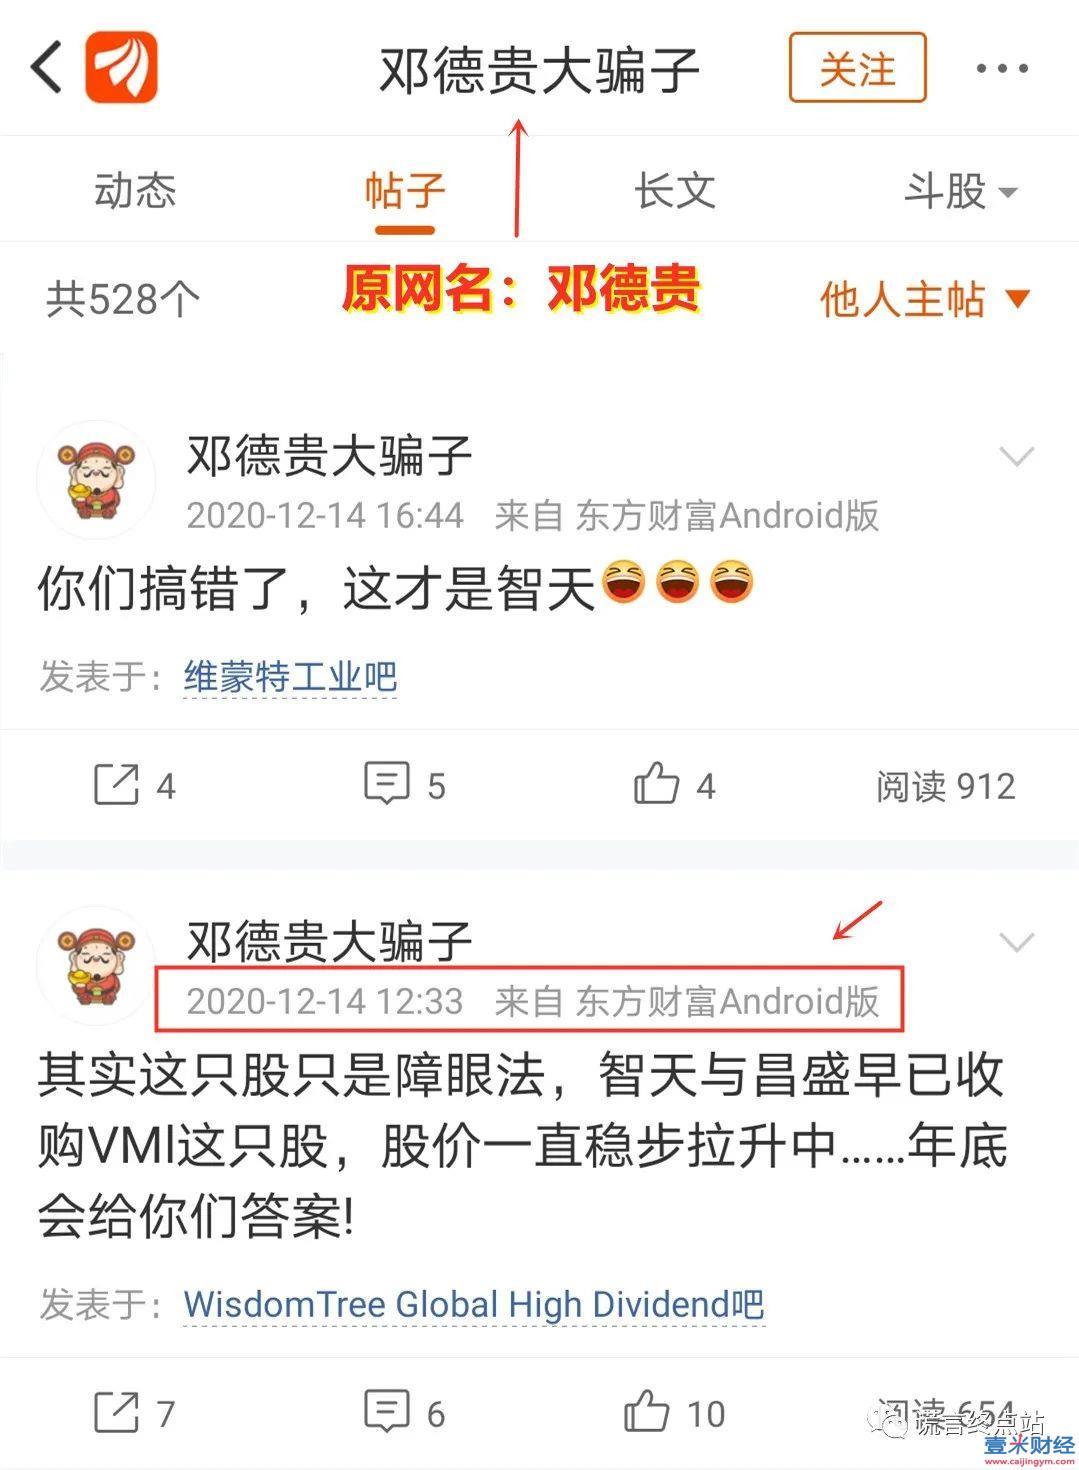 """智天股权最新消息2021年:VMI是智天昌盛买的壳?看流言是如何""""以讹传讹""""的!图(3)"""